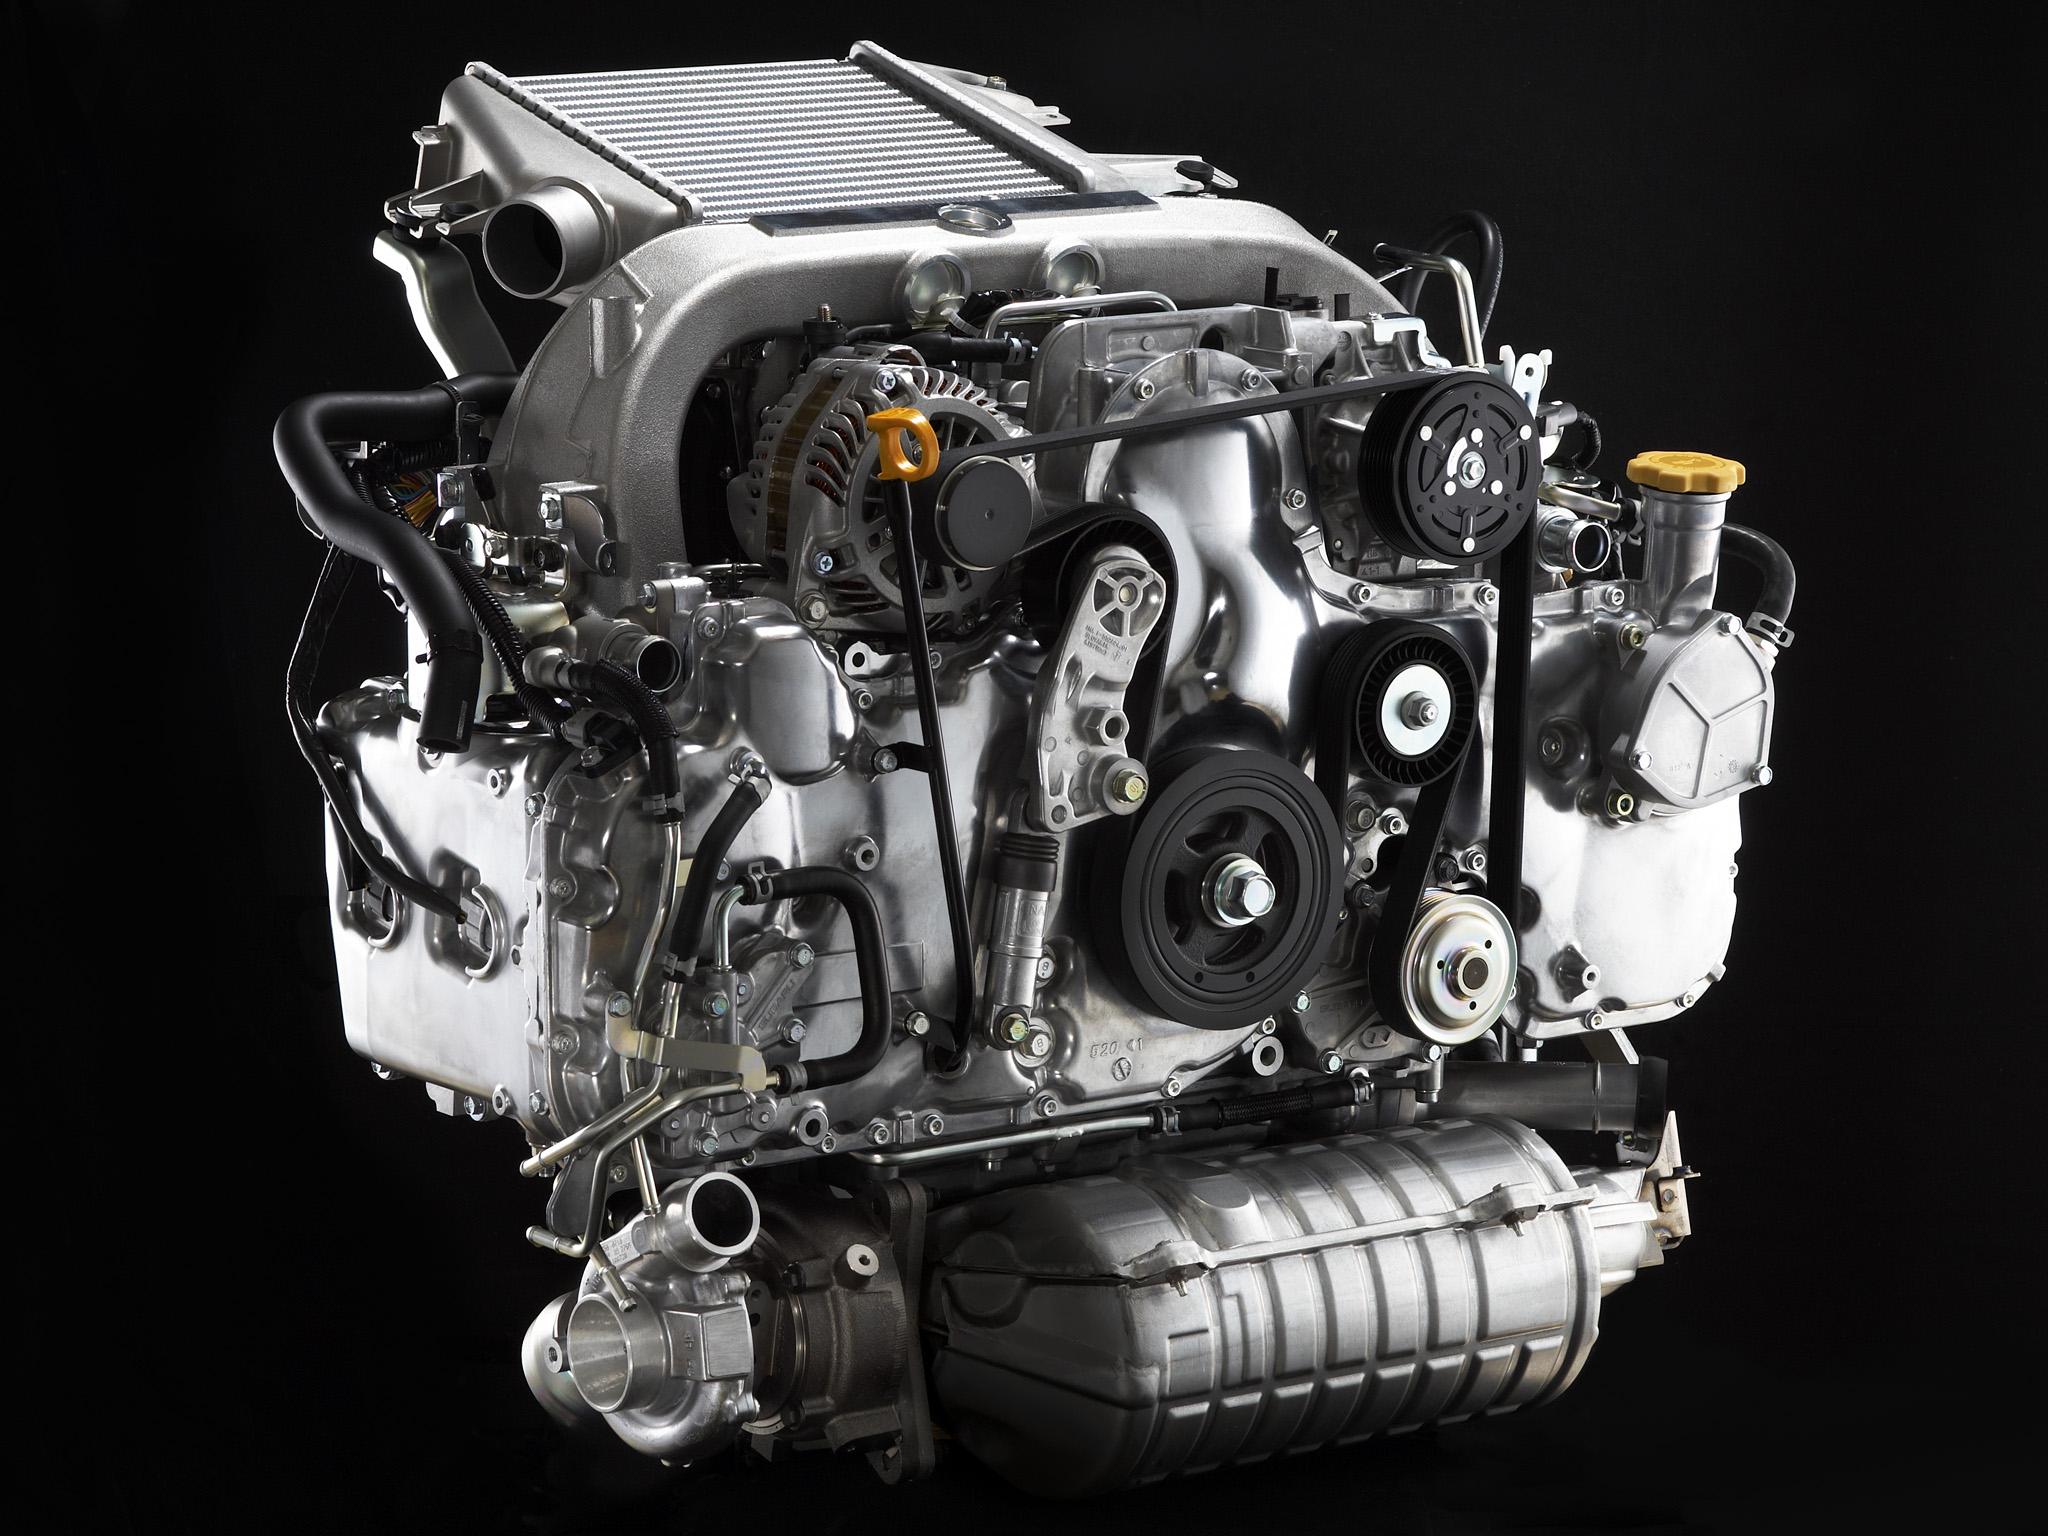 Киа рио 1.5 двигатель